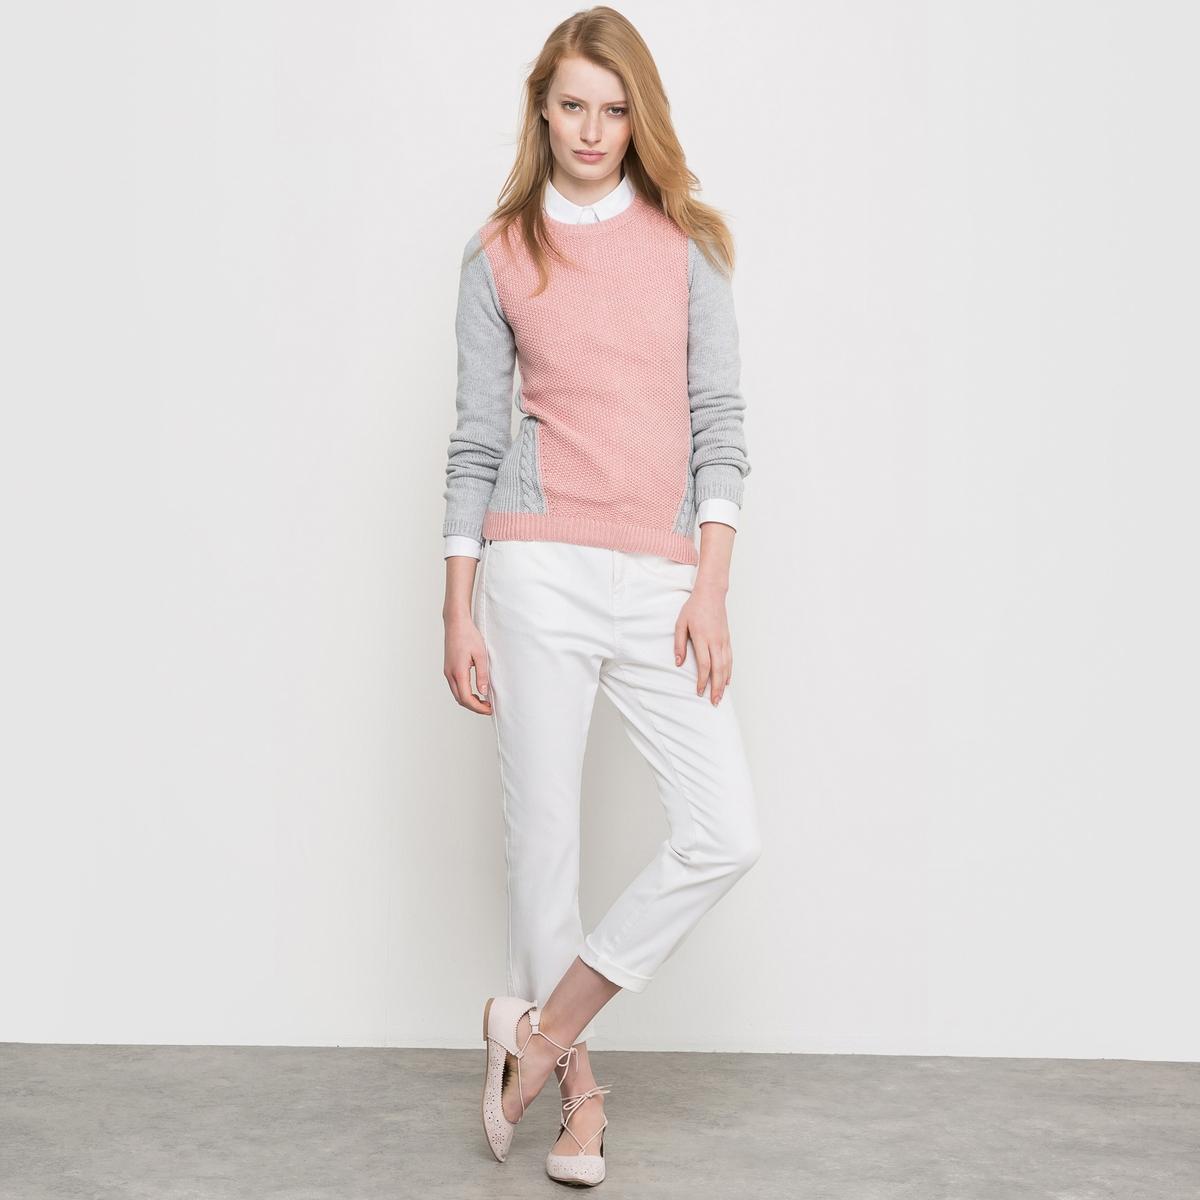 Джинсы бойфренда из денима стретчНезаменимые джинсы бойфренд очень популярны в этом сезоне, сочетаются с курткой и туфлями.<br><br>Цвет: белый,голубой потертый<br>Размер: 38 (FR) - 44 (RUS)